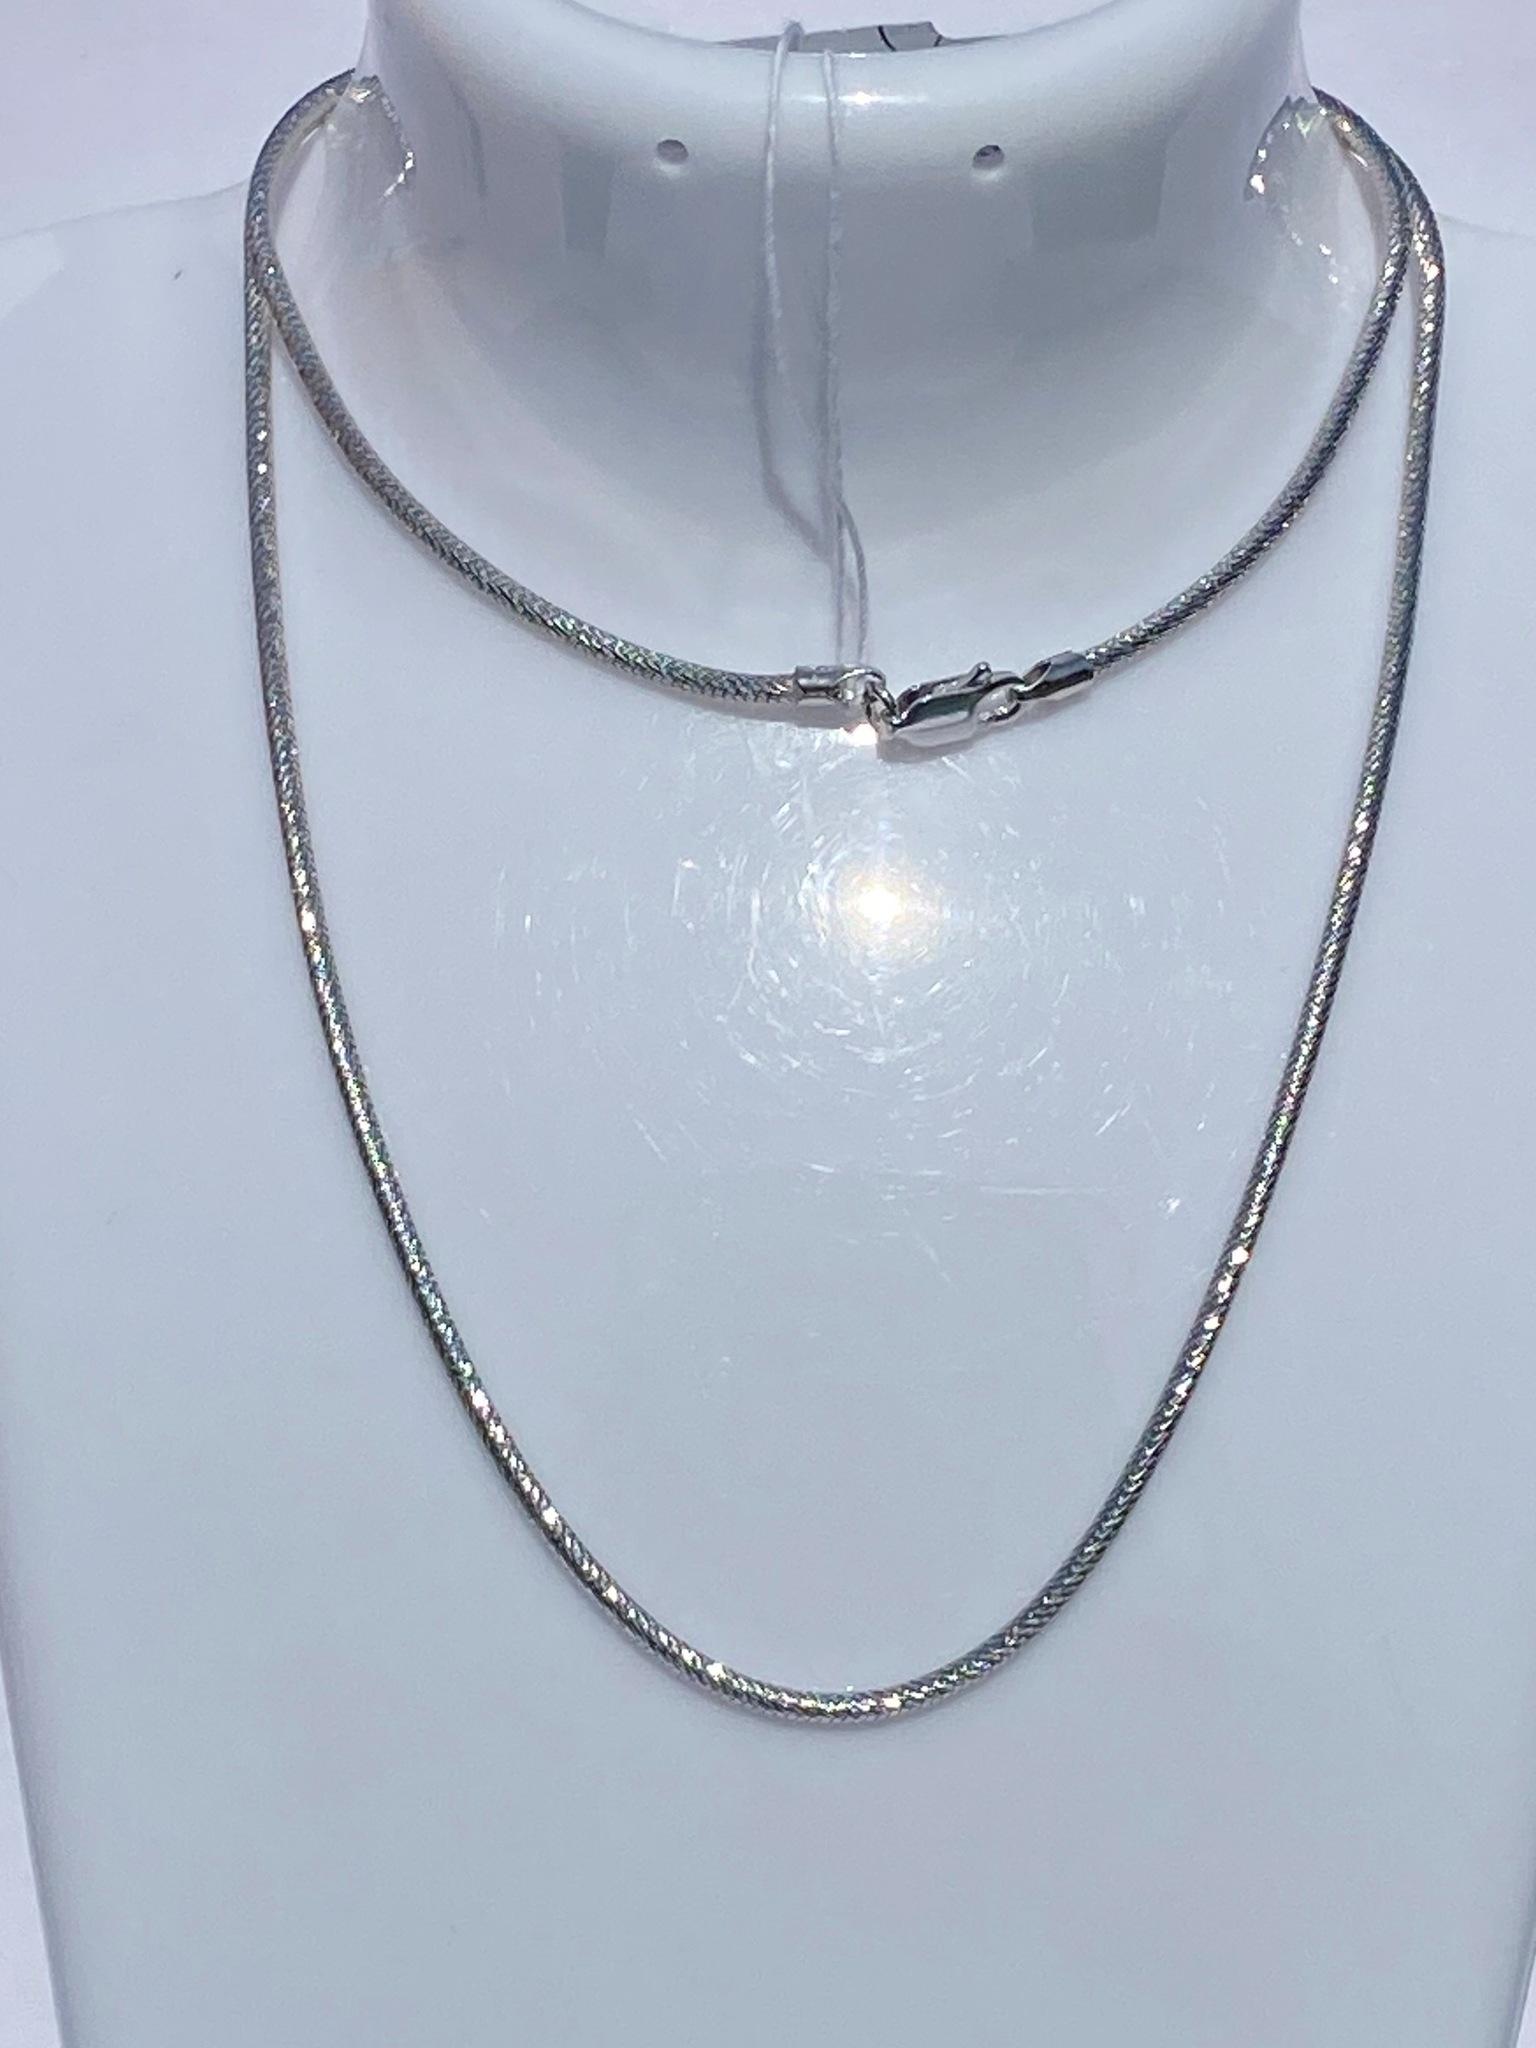 Снейк круглый 0,2 см. (серебряная цепочка).